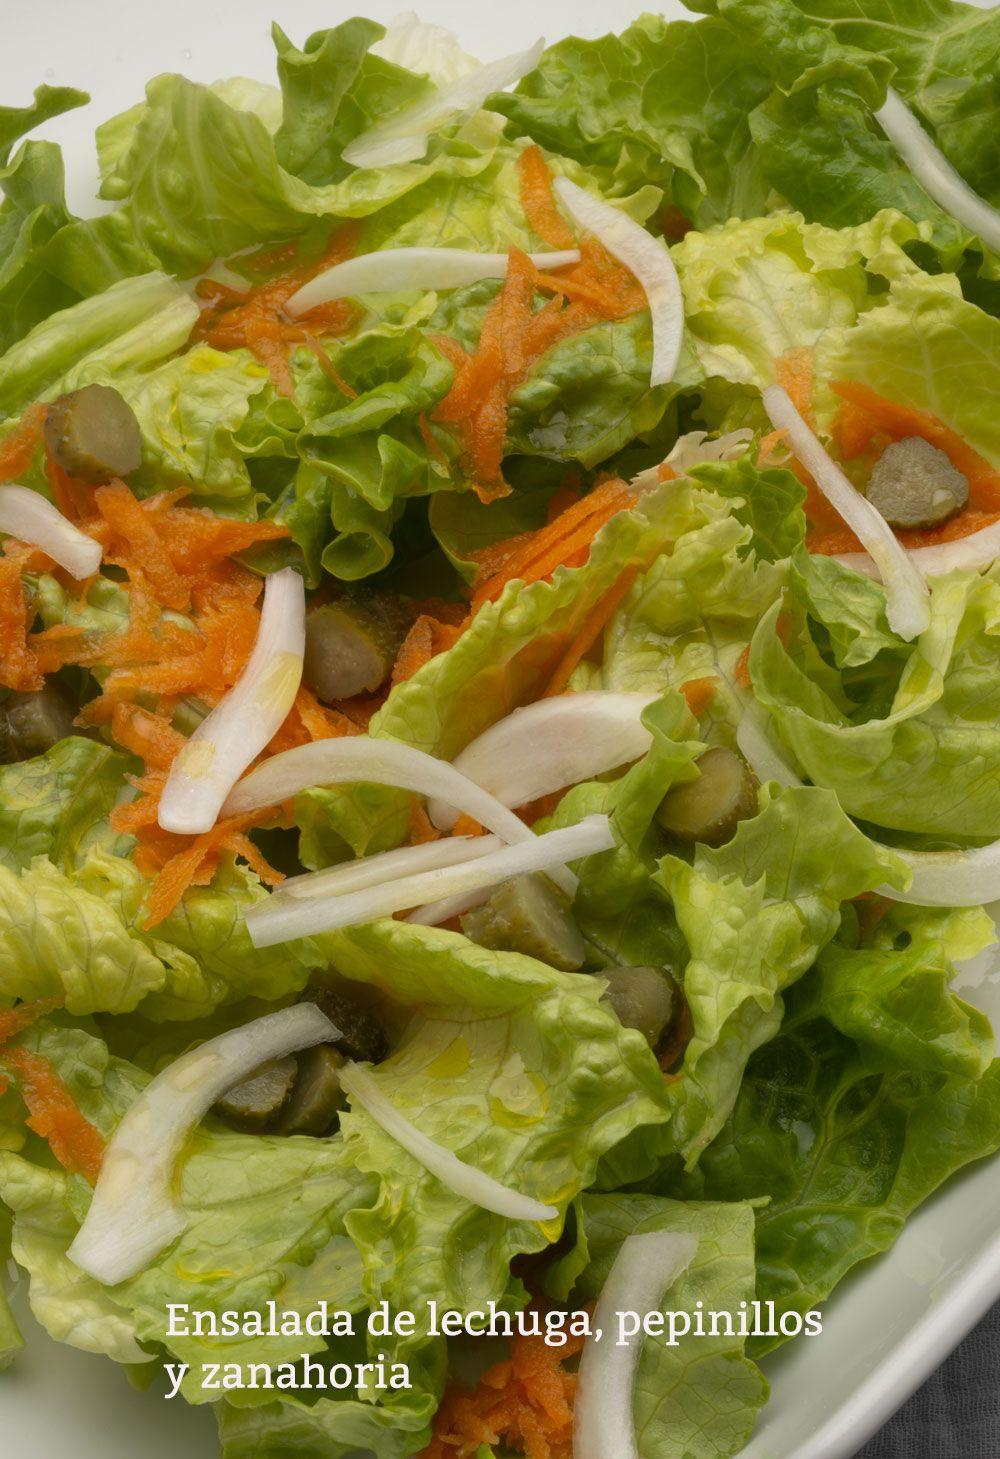 Ensalada de lechuga, pepinillos y zanahoria